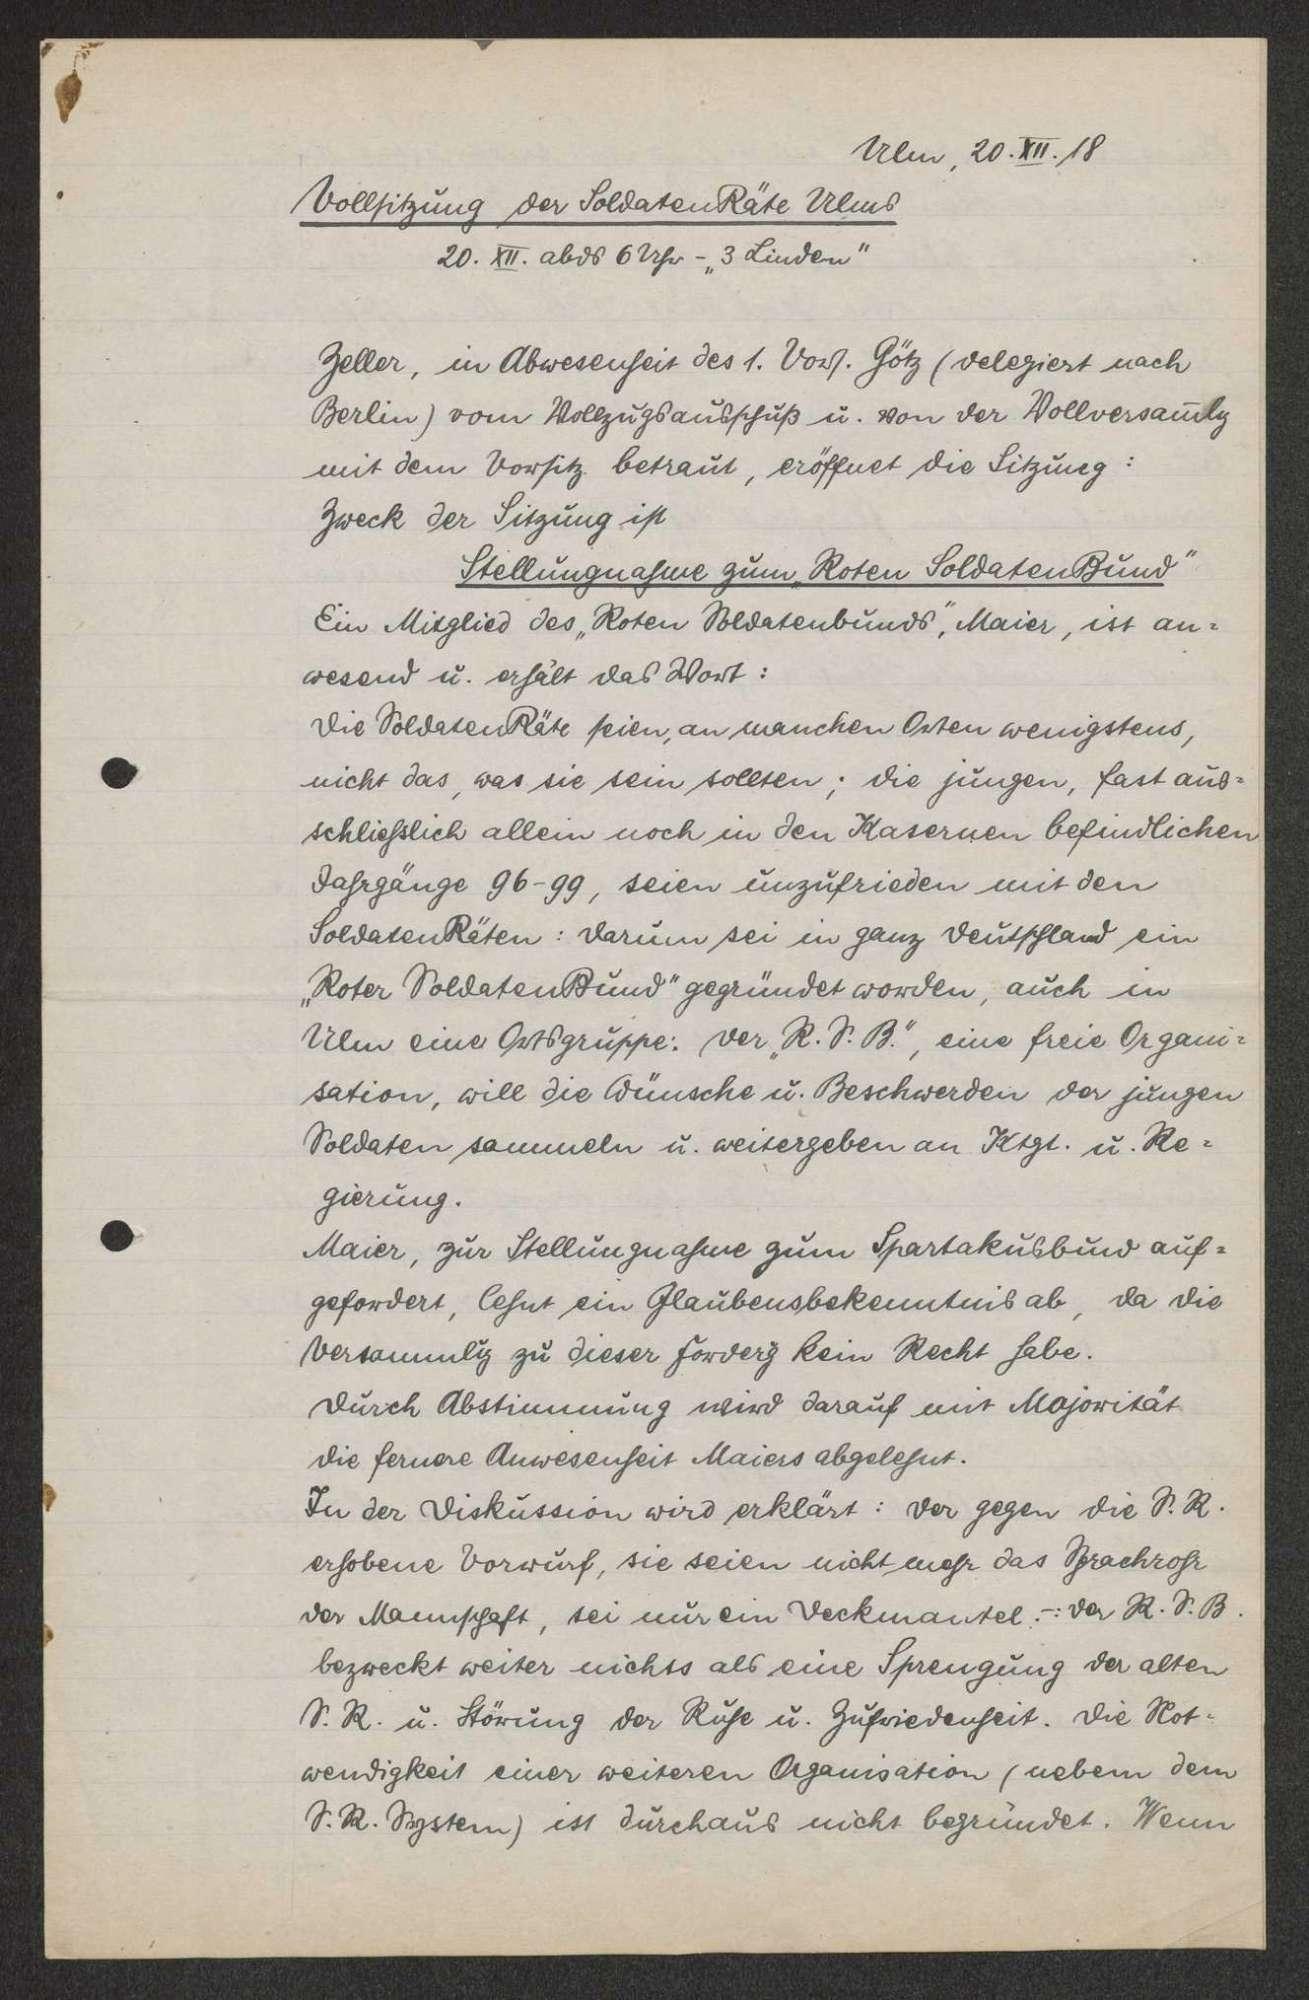 Protokolle der Vollsitzungen der Arbeiter- und Soldatenräte Ulms Darin: Zeitungsbericht über die Vollsitzung am 20. Feb. 1919., Bild 1